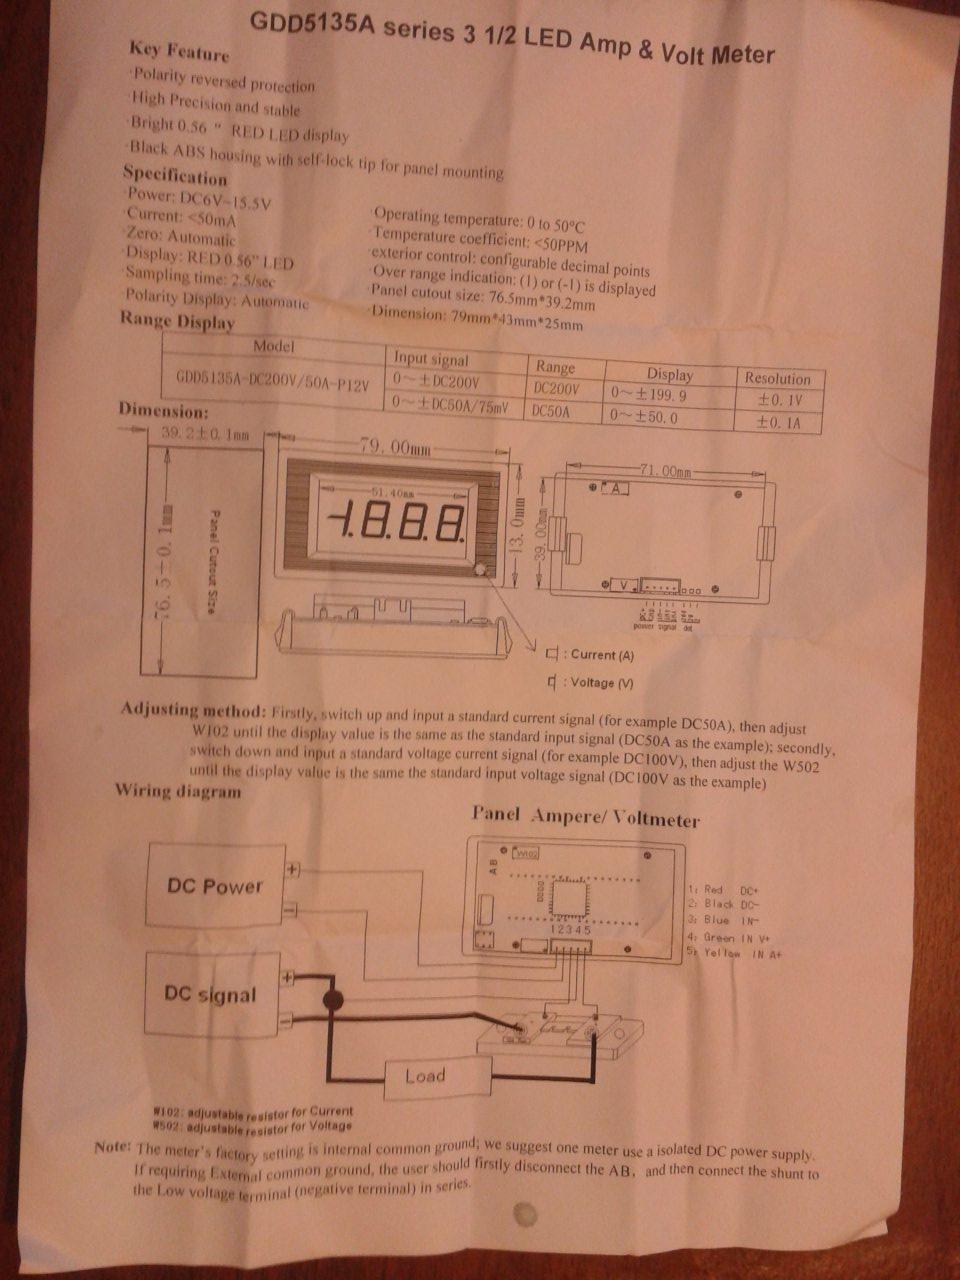 Digital Voltmeter Stimulated Saturn Led Voltage Meter Wiring Diagram On Car Amp Gdd5135a